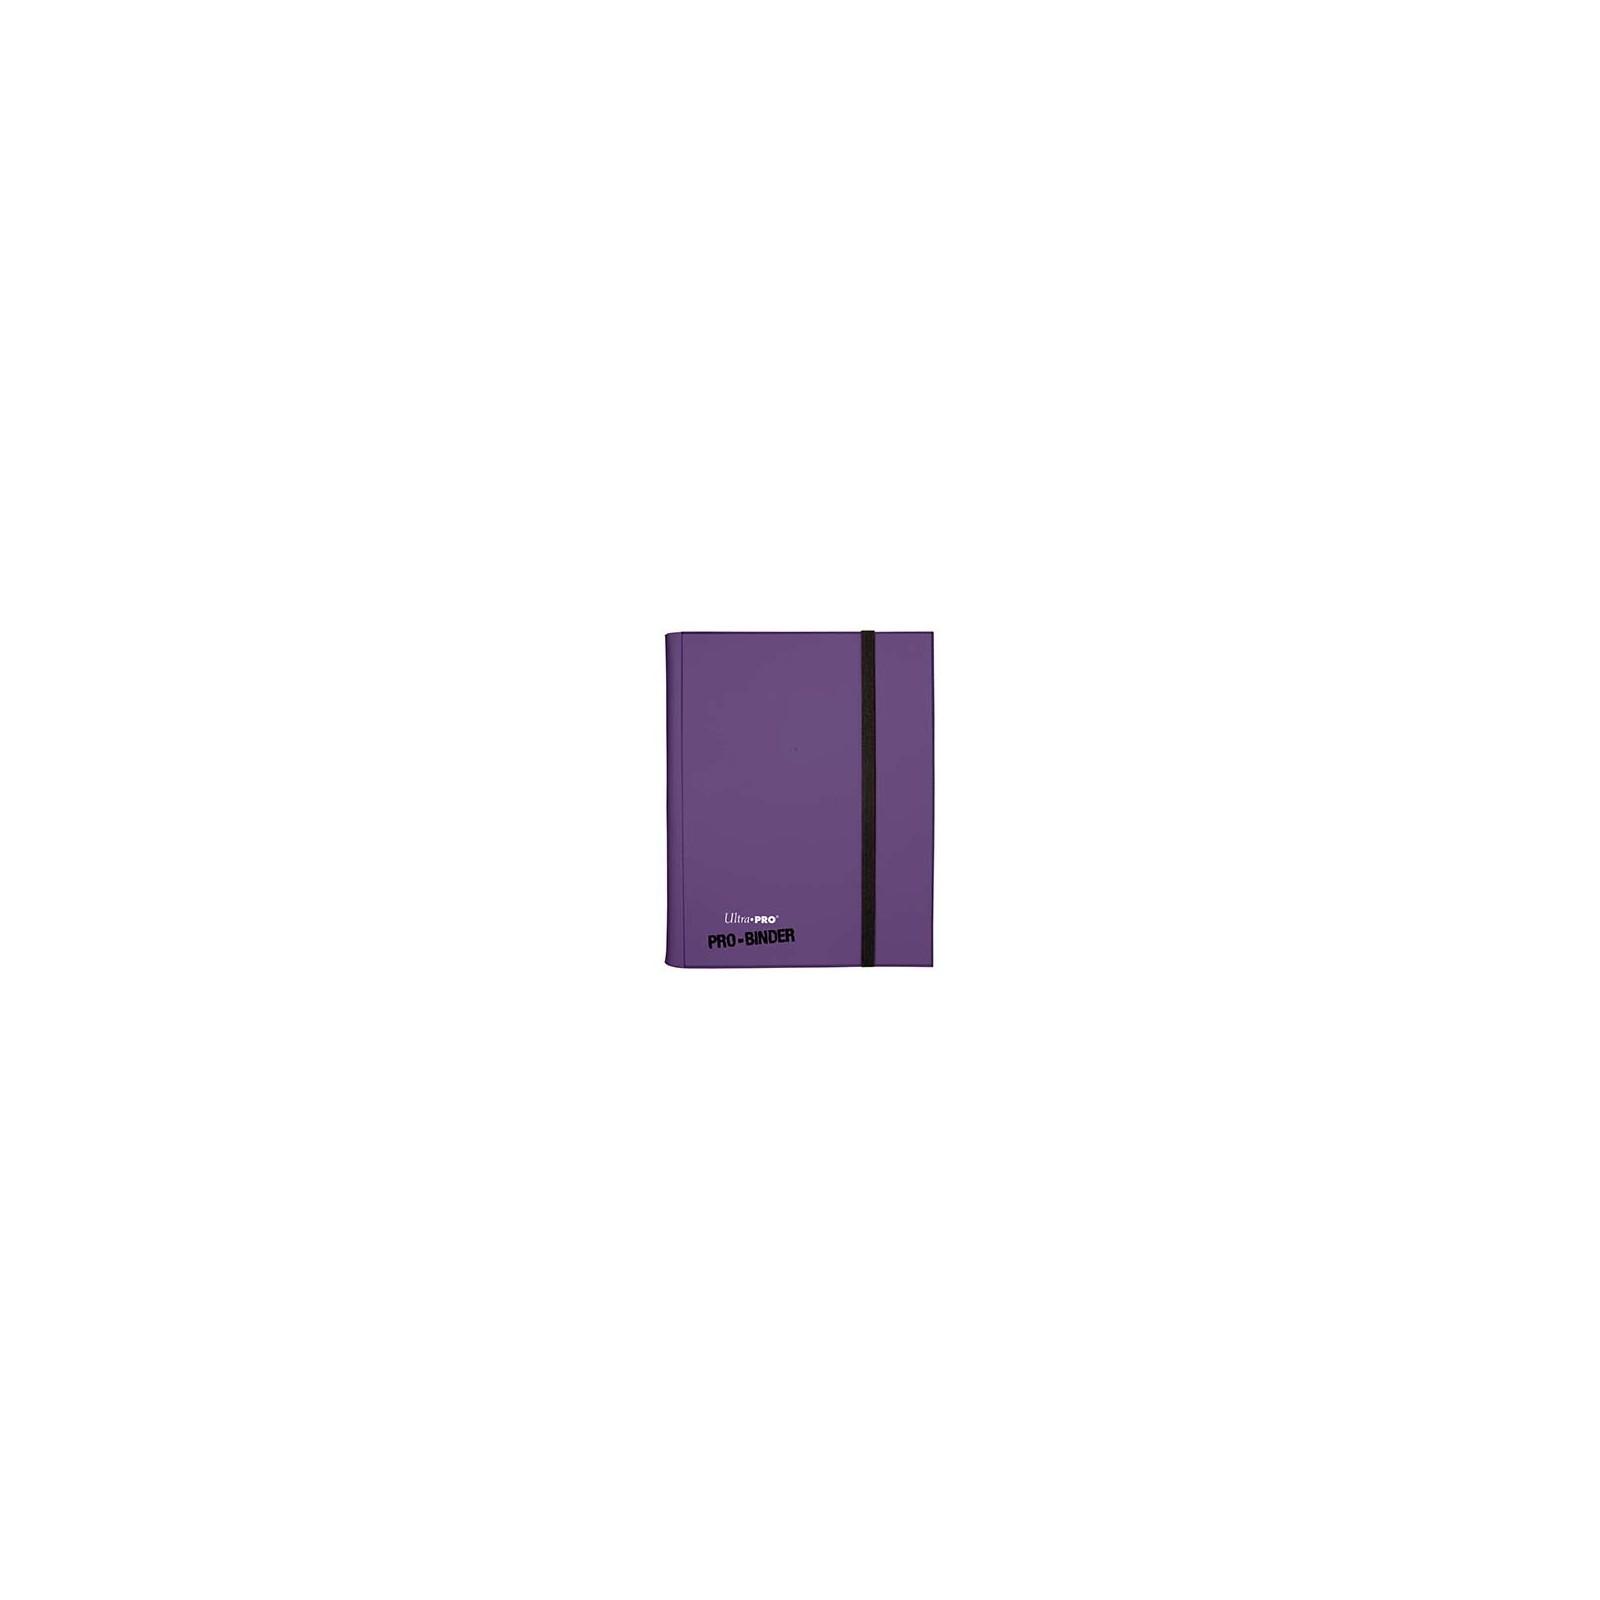 Pro Binder 9 Cases Violet